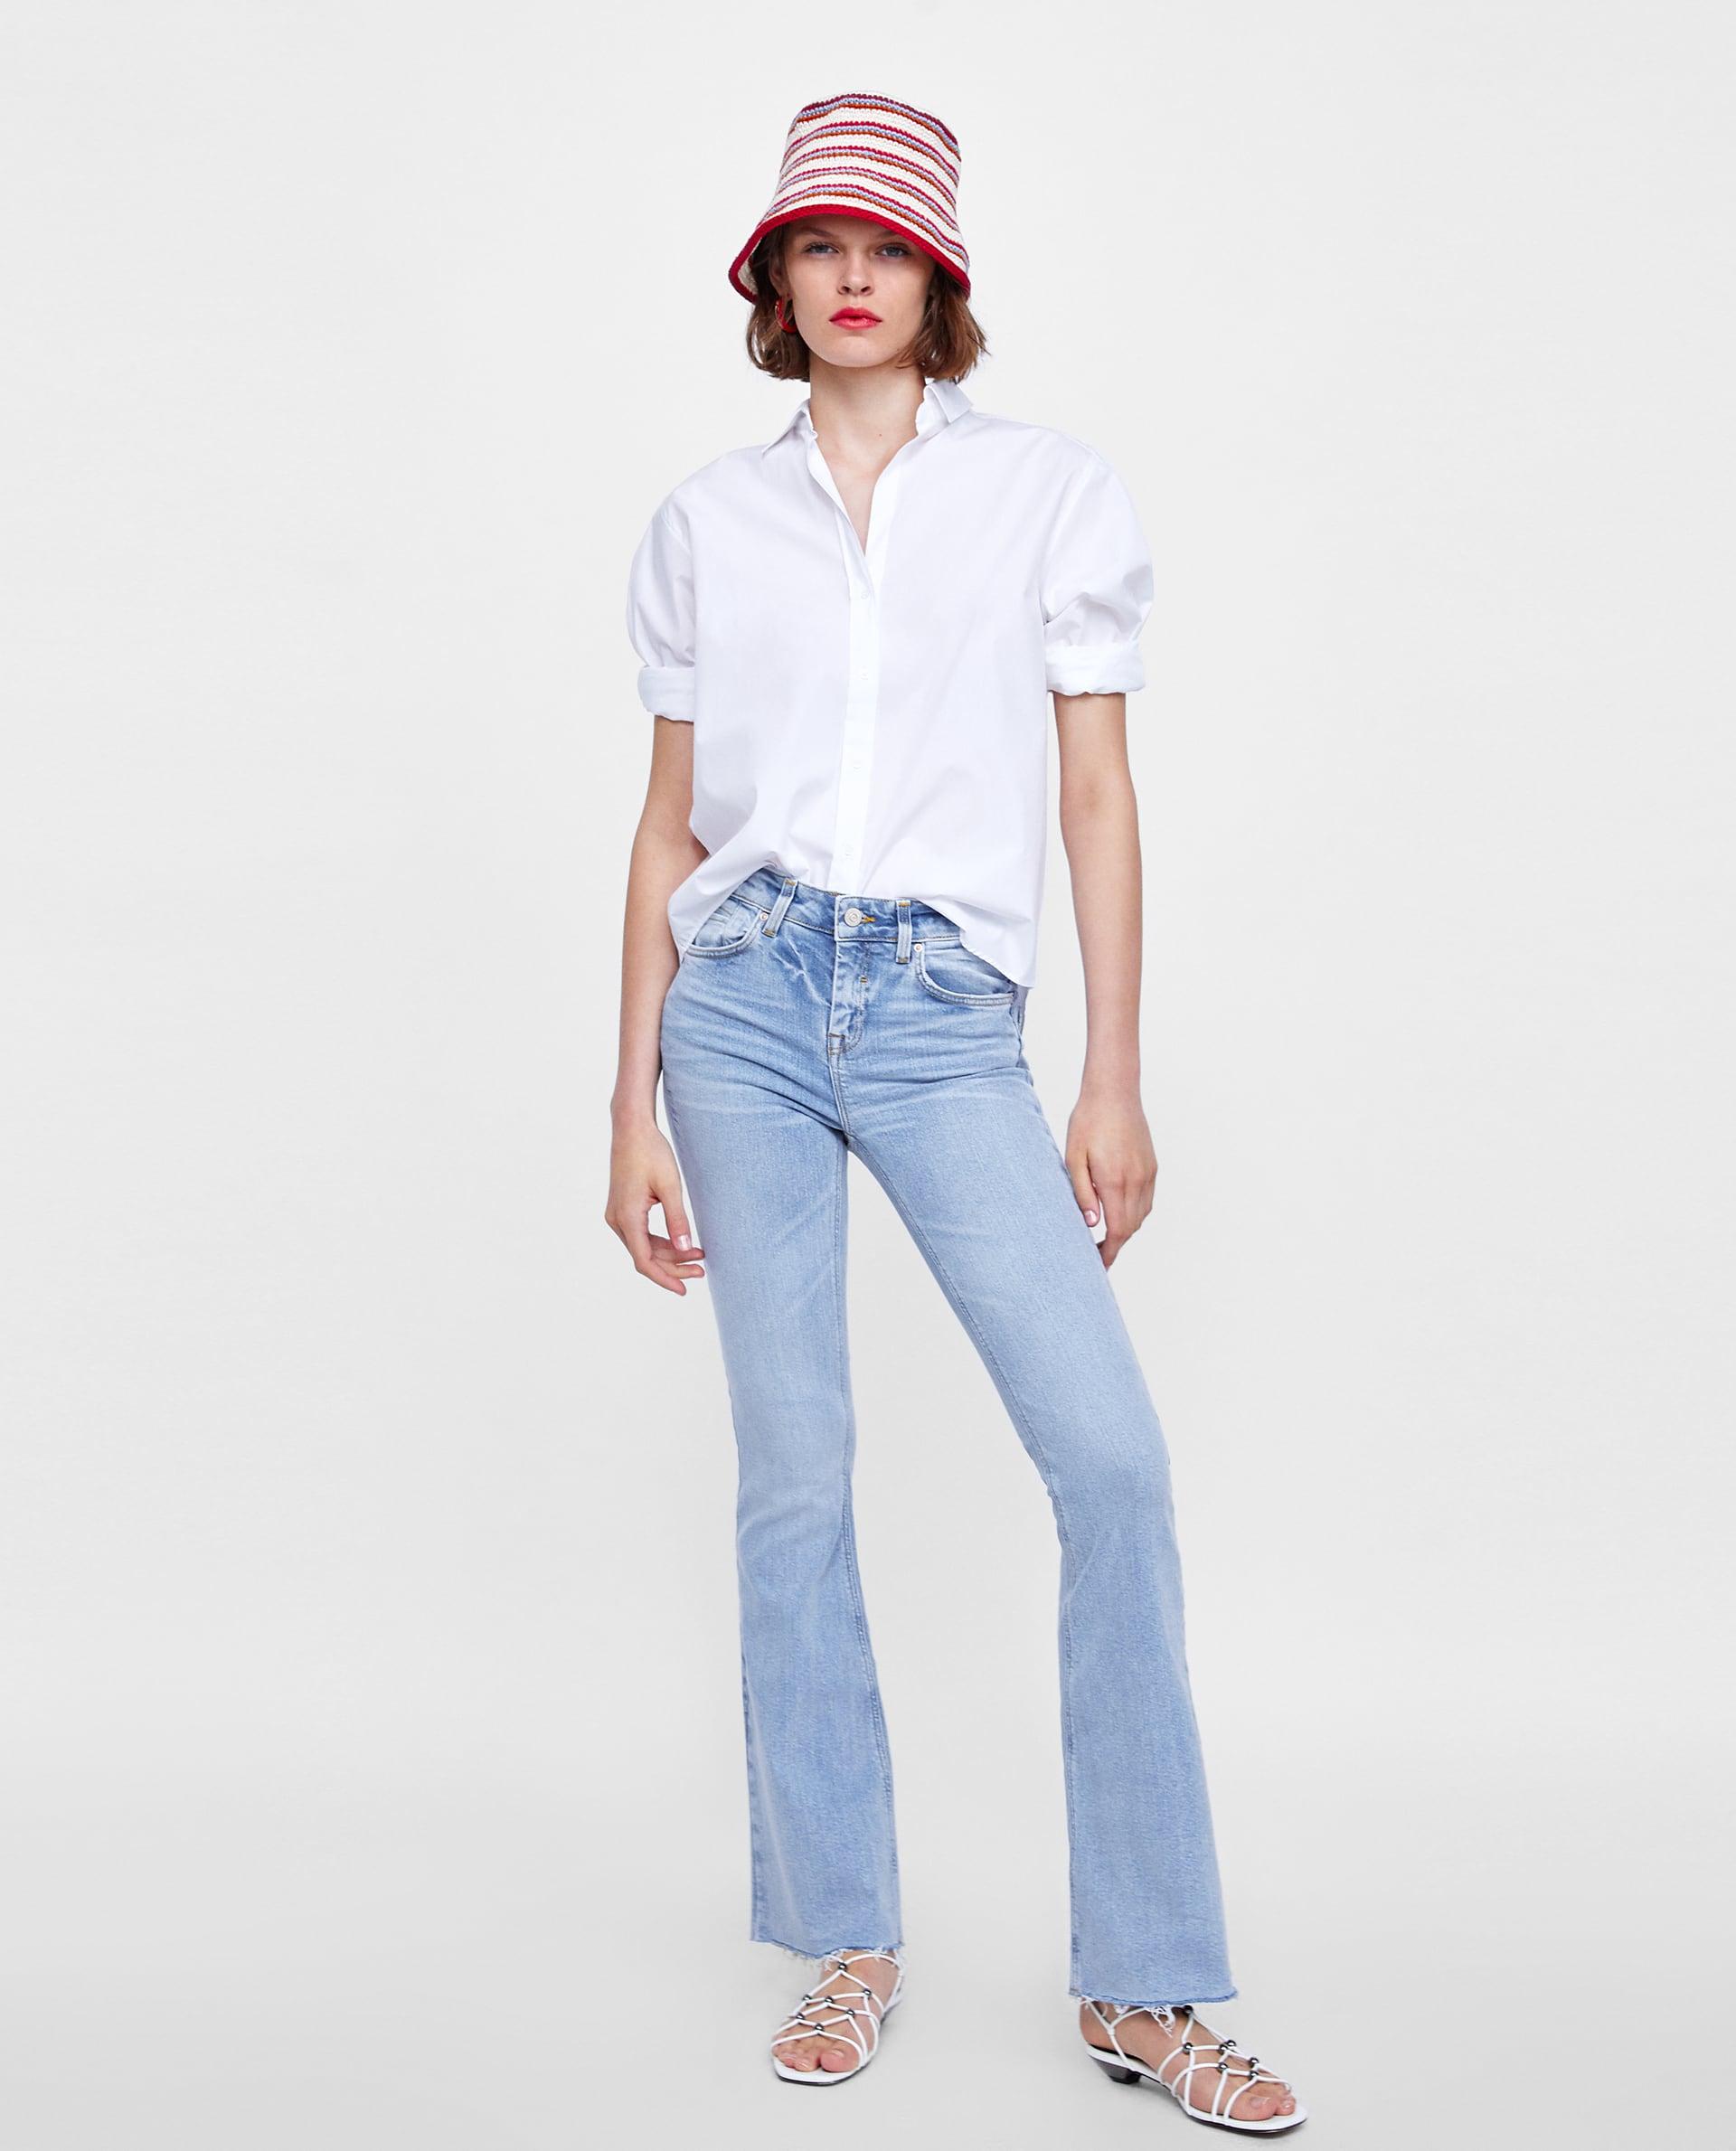 Jeans chiari e camicia Zara